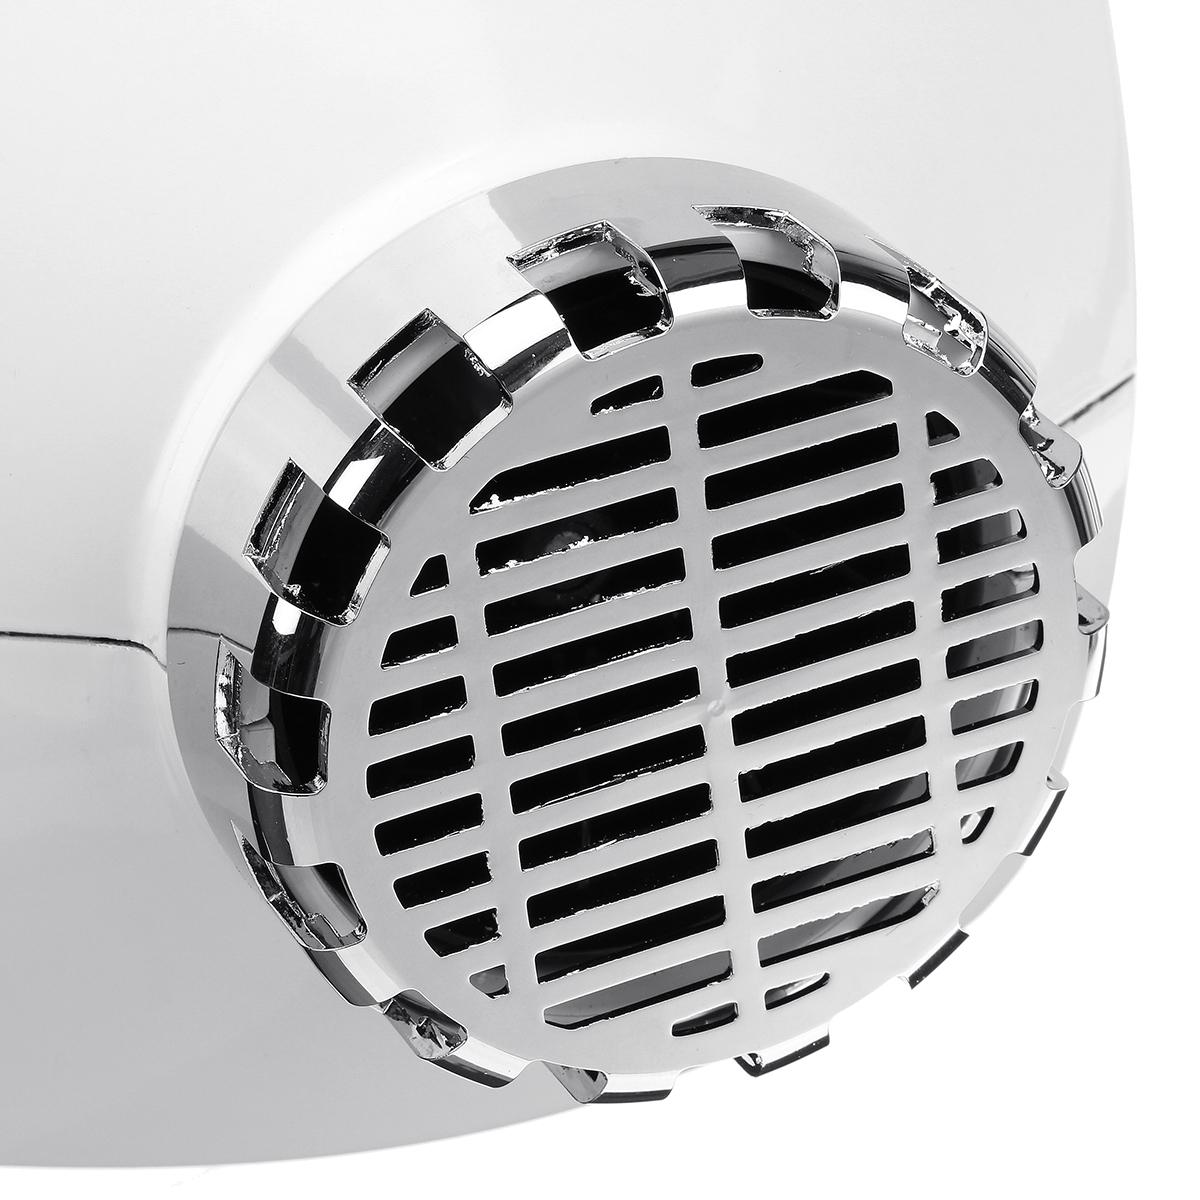 12V/24V 5KW Diesel Air Parking Heater 4Holes Diesel Heating Parking Air Heater